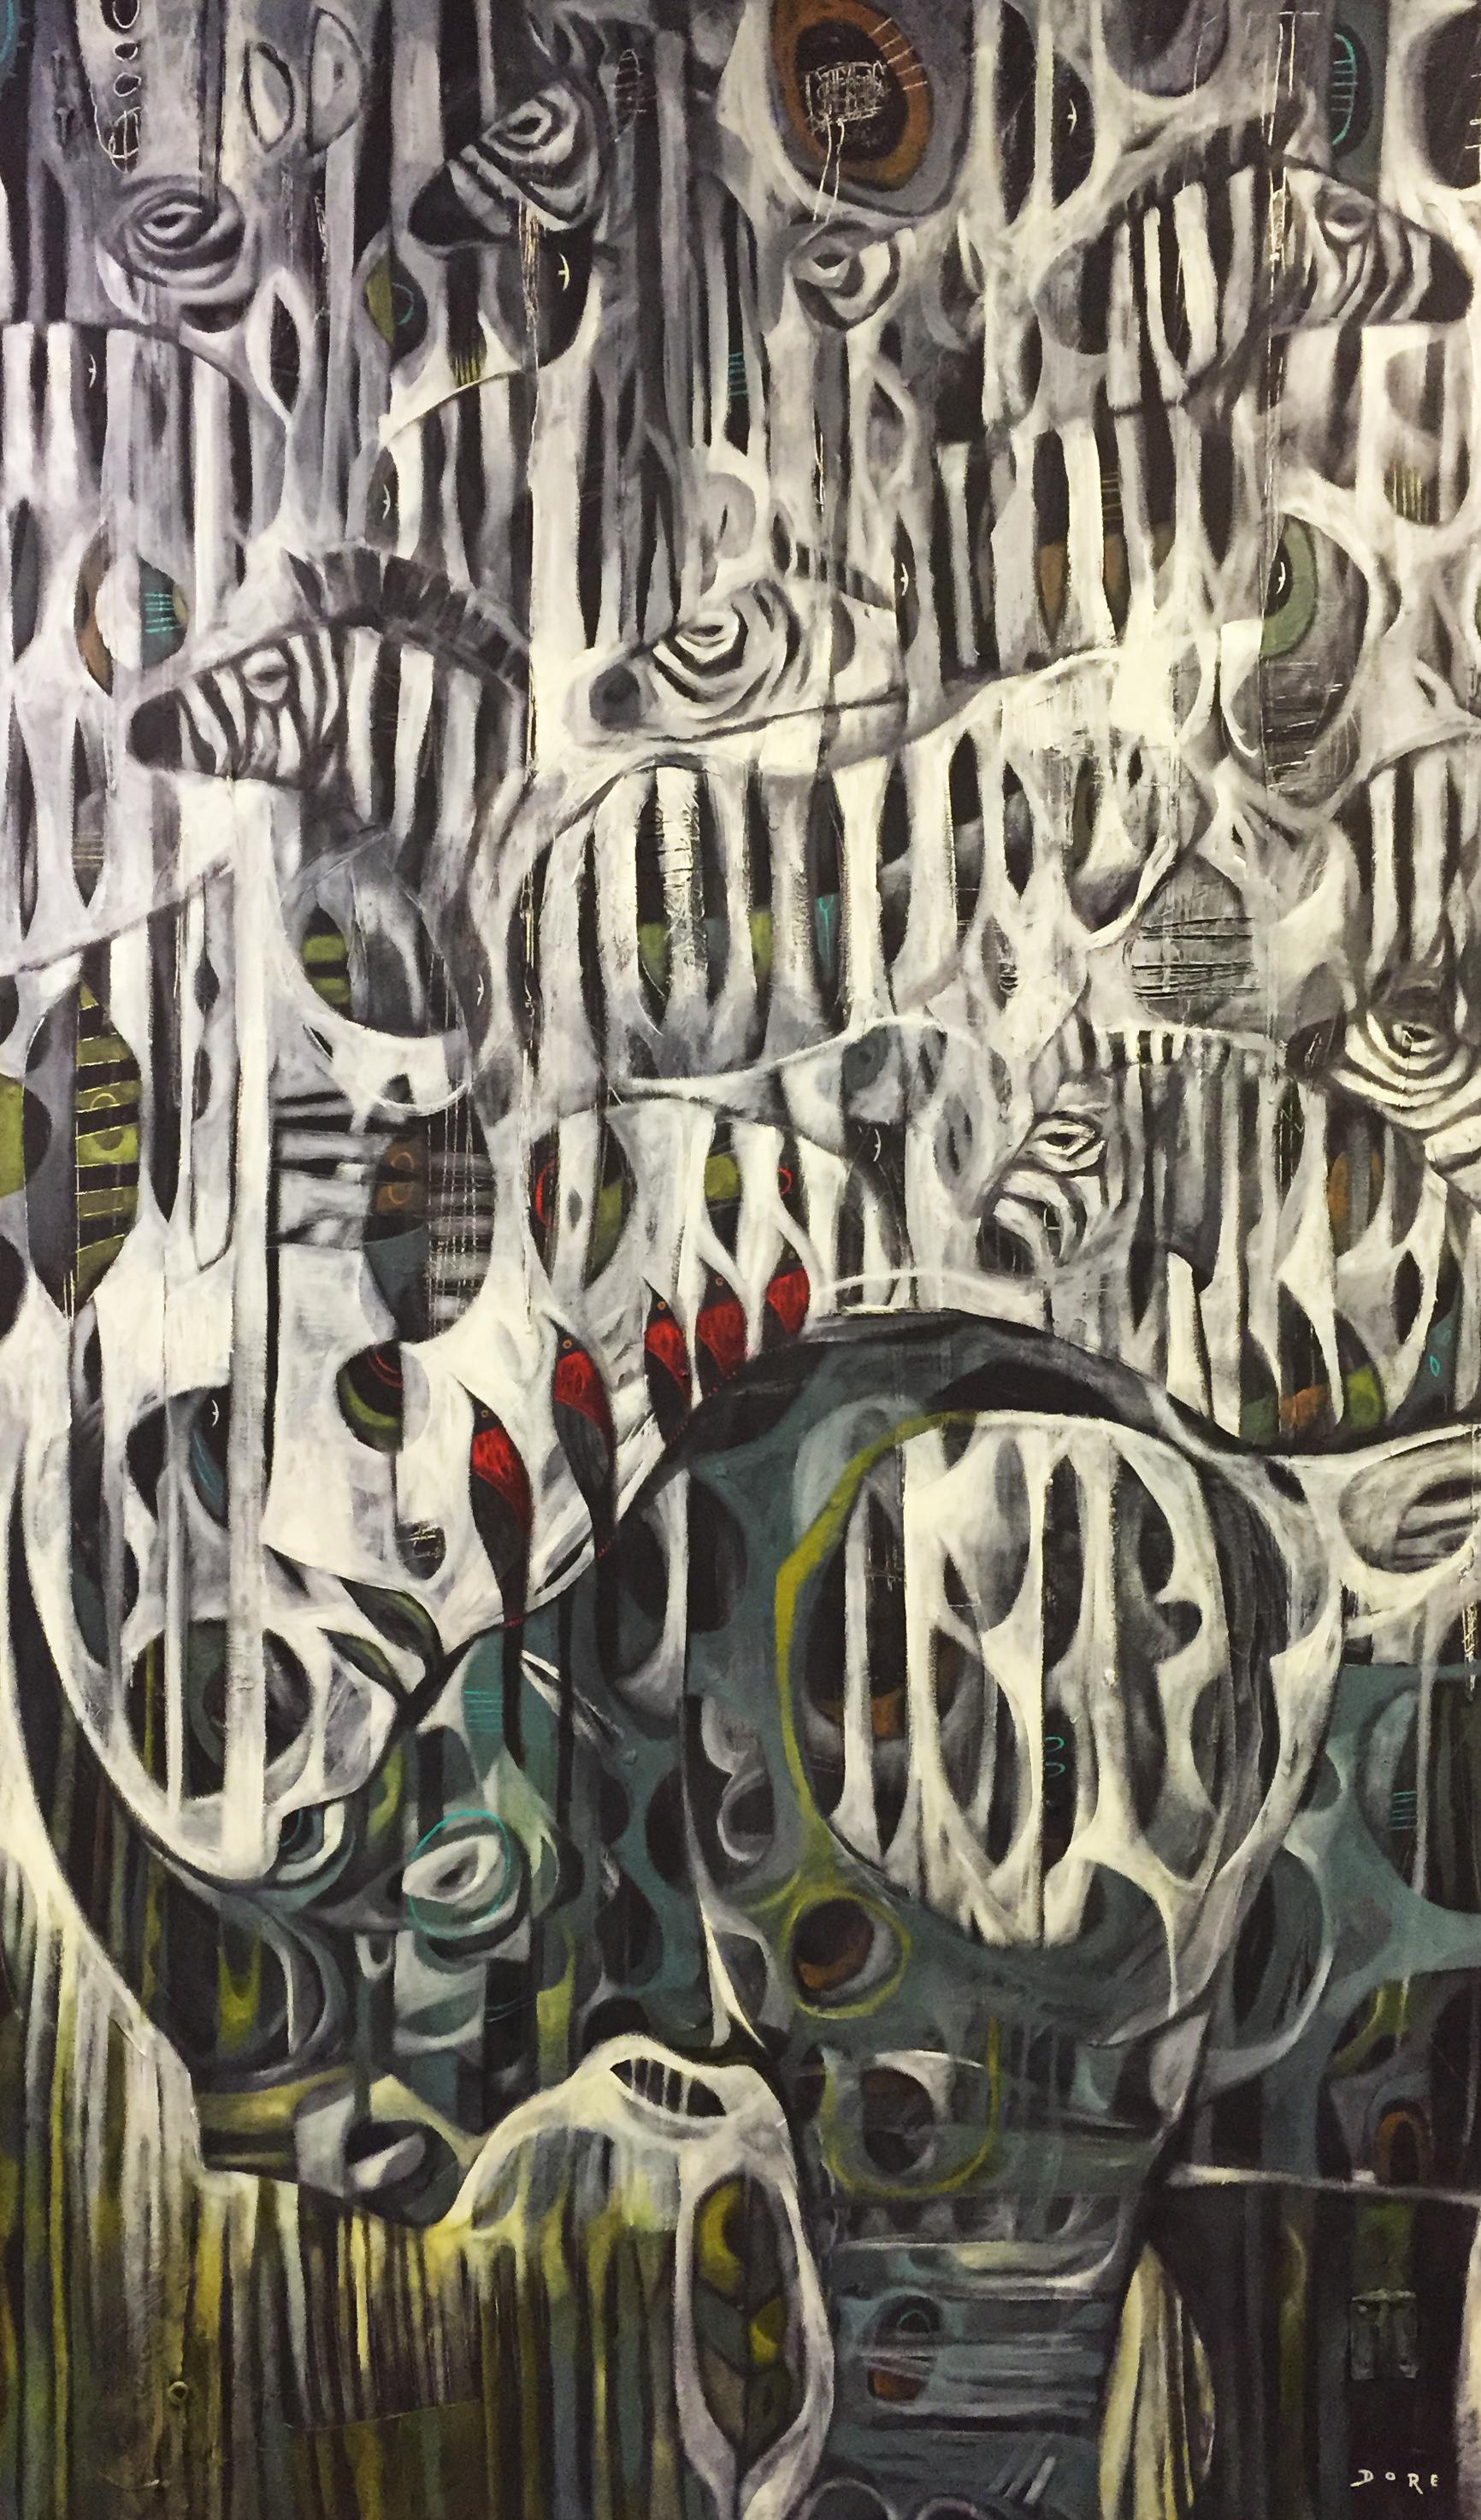 Rhino Zebra Painting.jpg